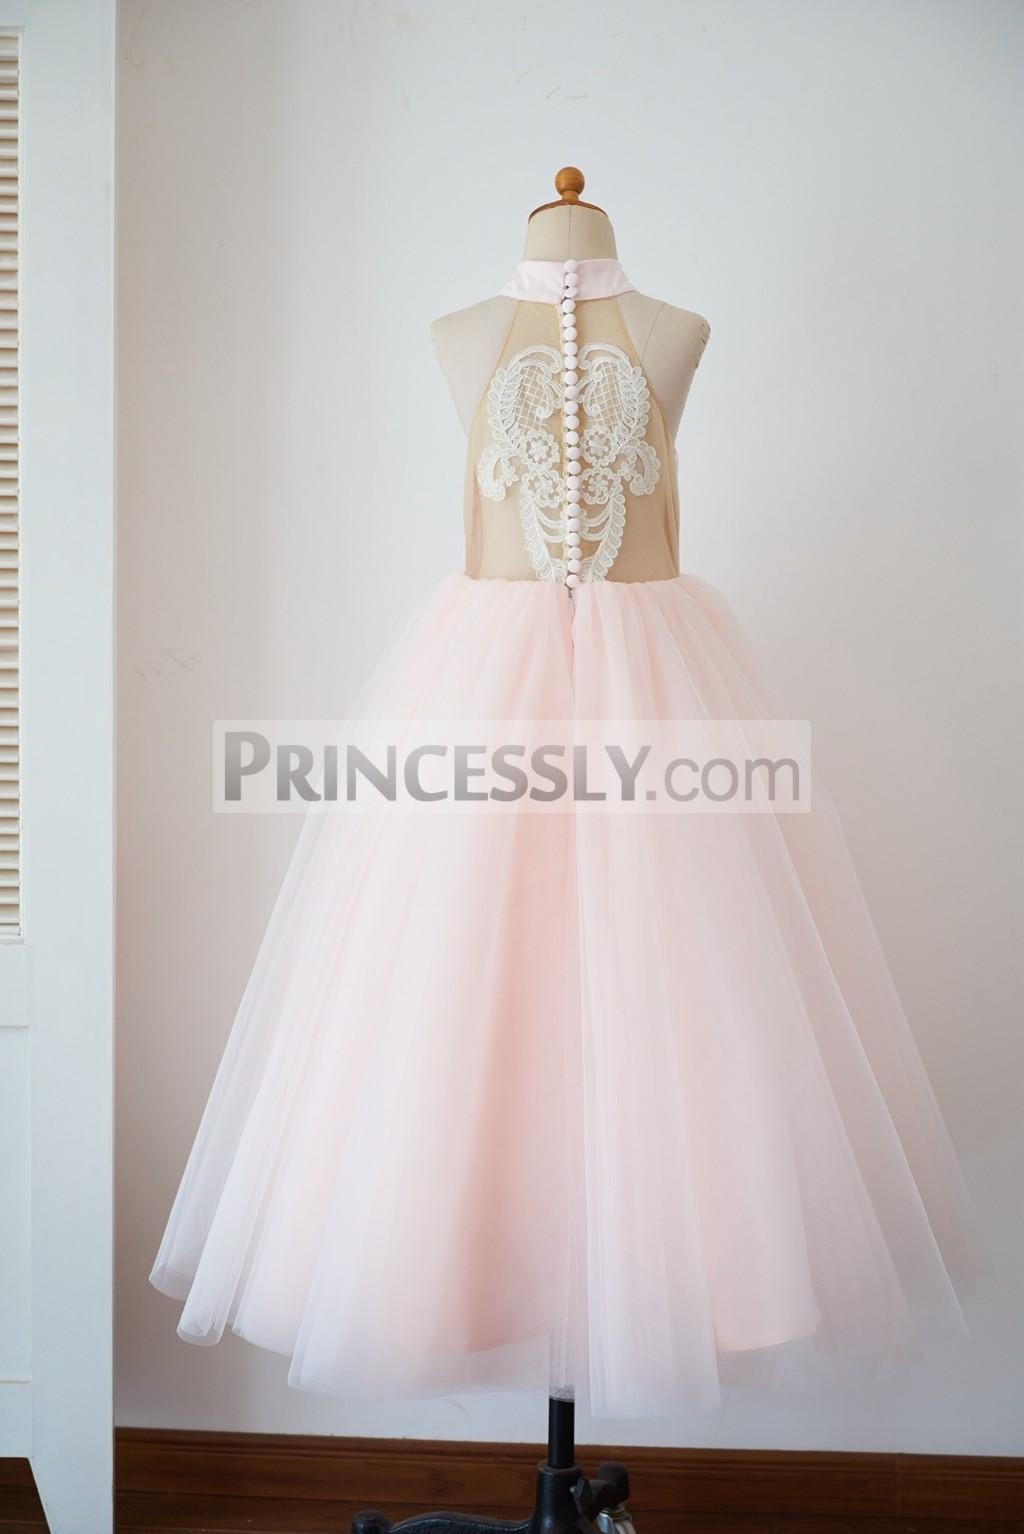 Sheer tulle halter neck pink tulle ankle length wedding flower girl dress